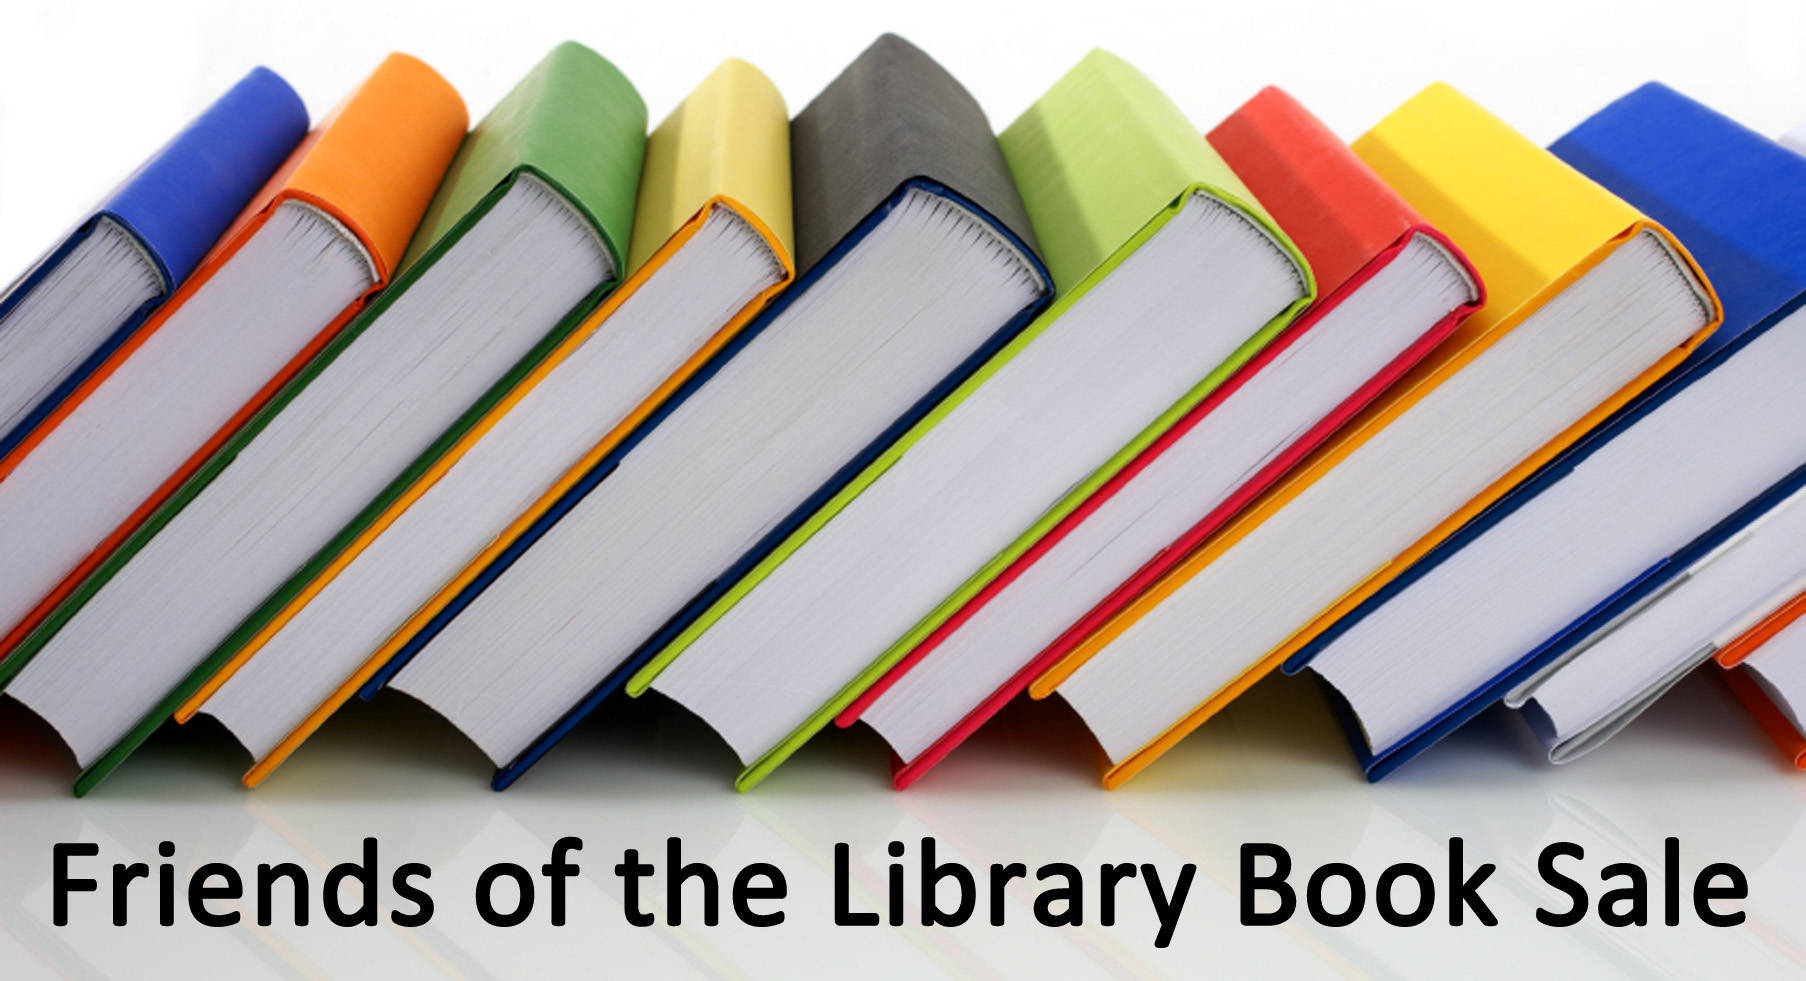 21b47f587e71d6414a18_Friends-book-sale.jpg